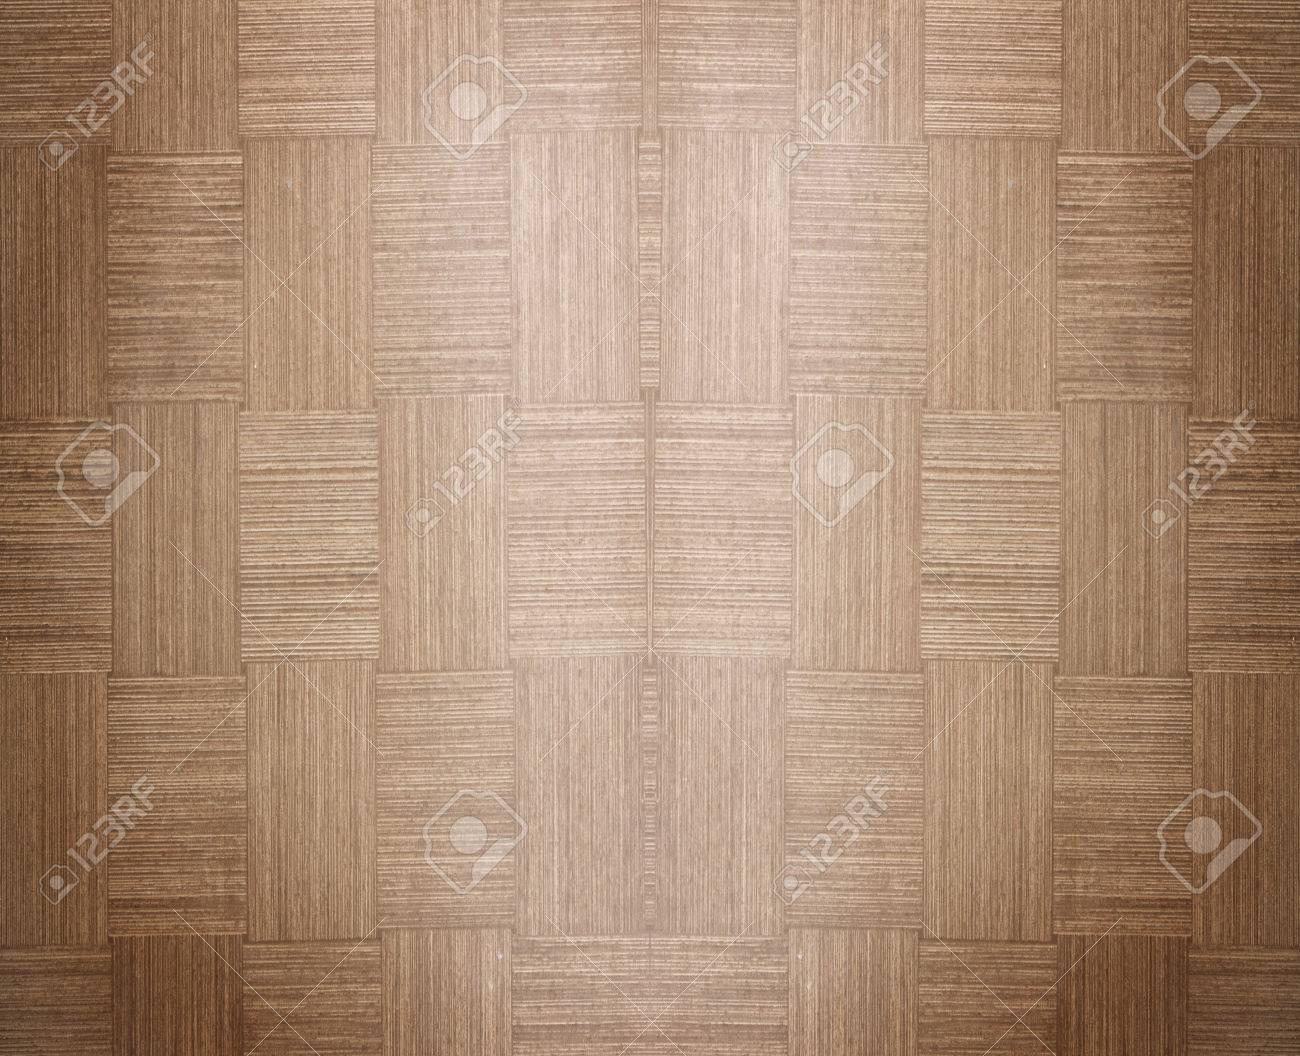 Parkett textur eiche  Laminat Textur | Haus Deko Ideen